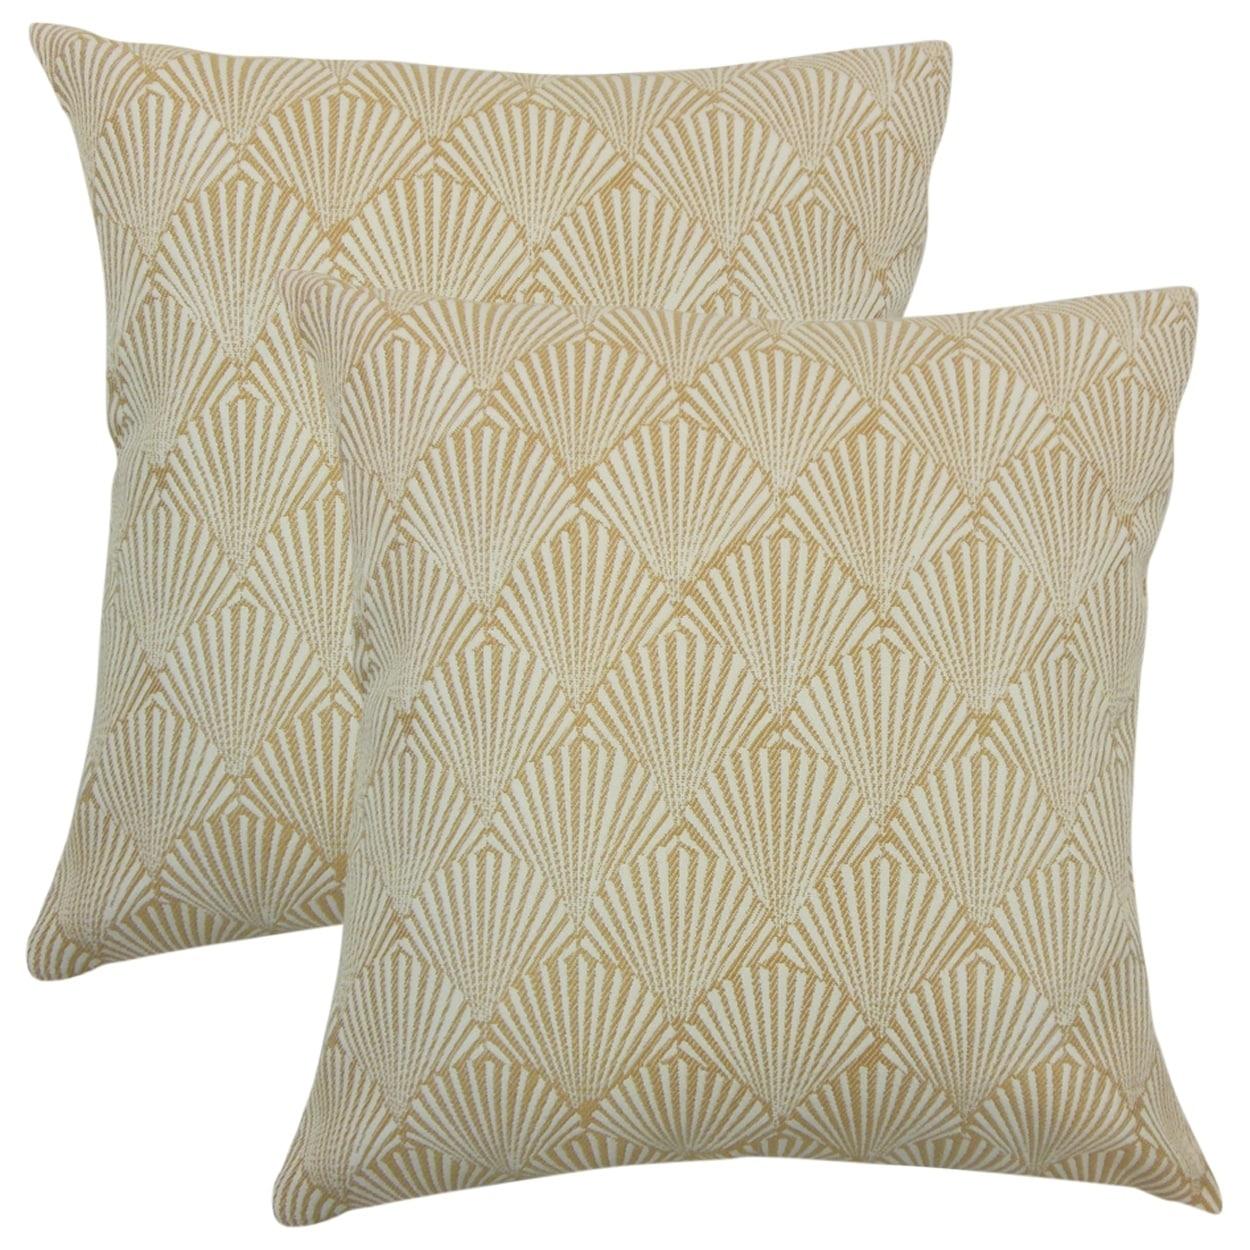 The Pillow Collection Set of 2 Xen Coastal Throw Pillows ...